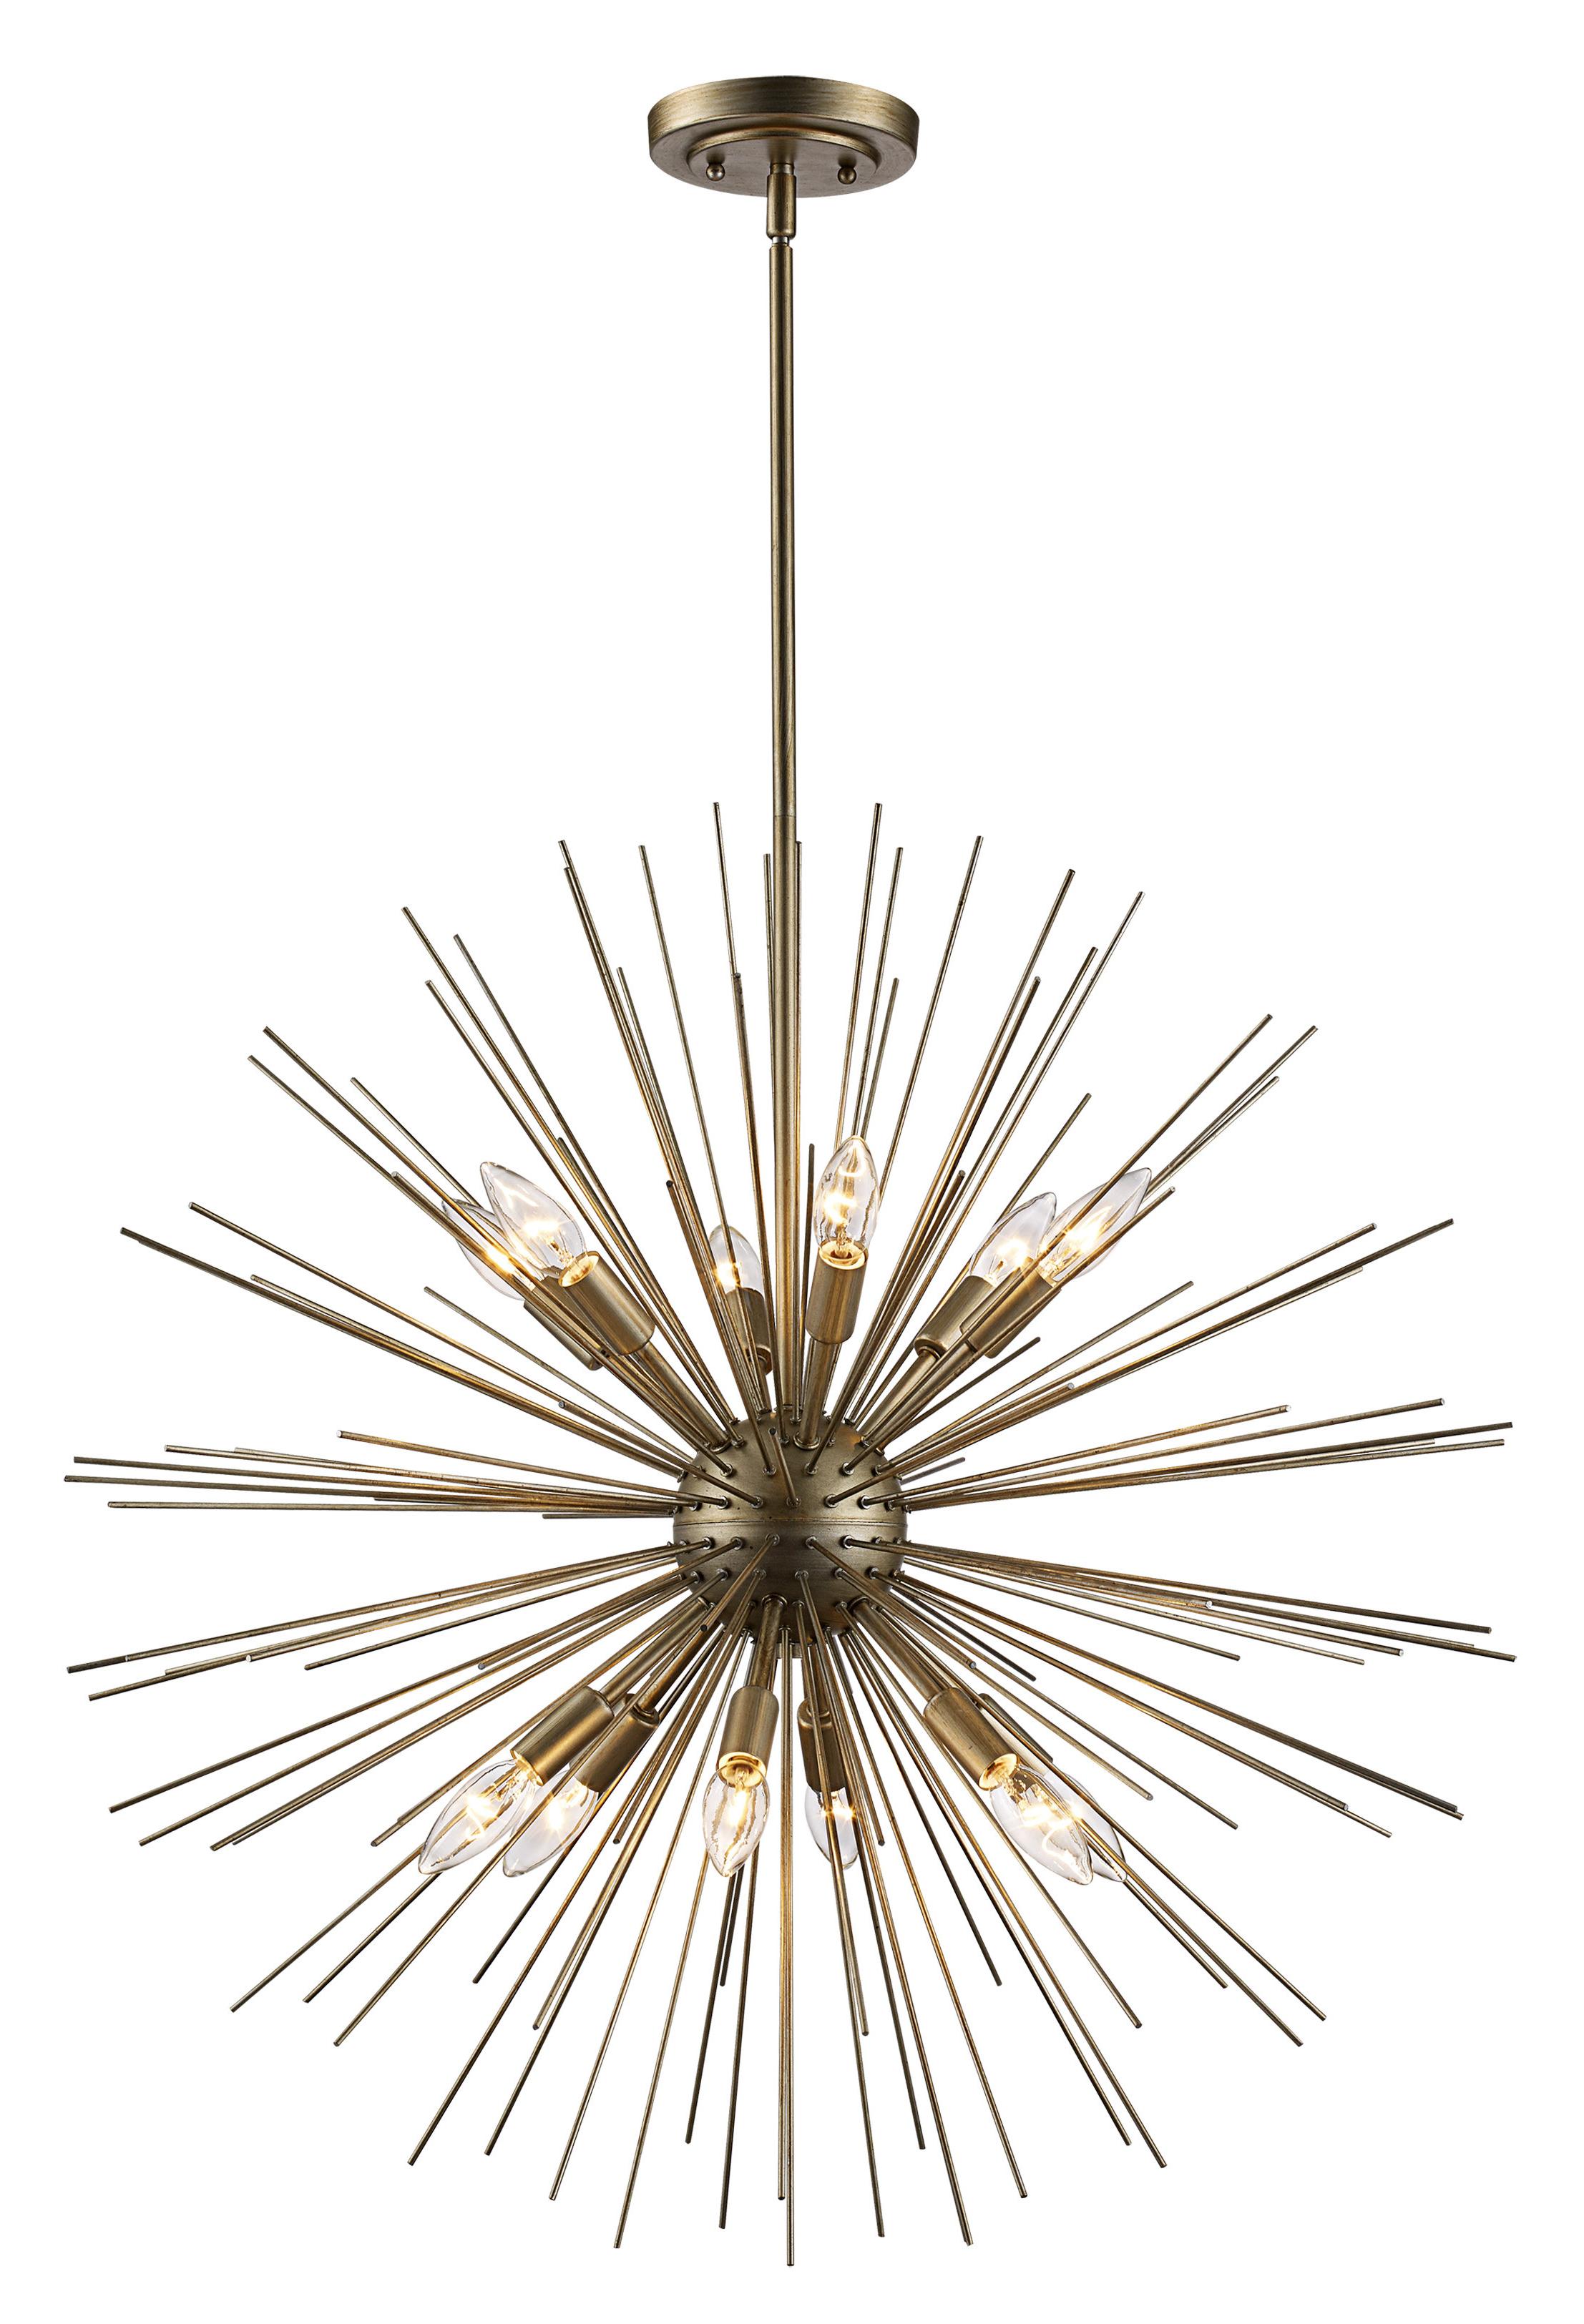 Bacchus 12 Light Sputnik Chandeliers Intended For Most Recent Trent Austin Design Antonie 12 Light Sputnik Chandelier (View 3 of 20)